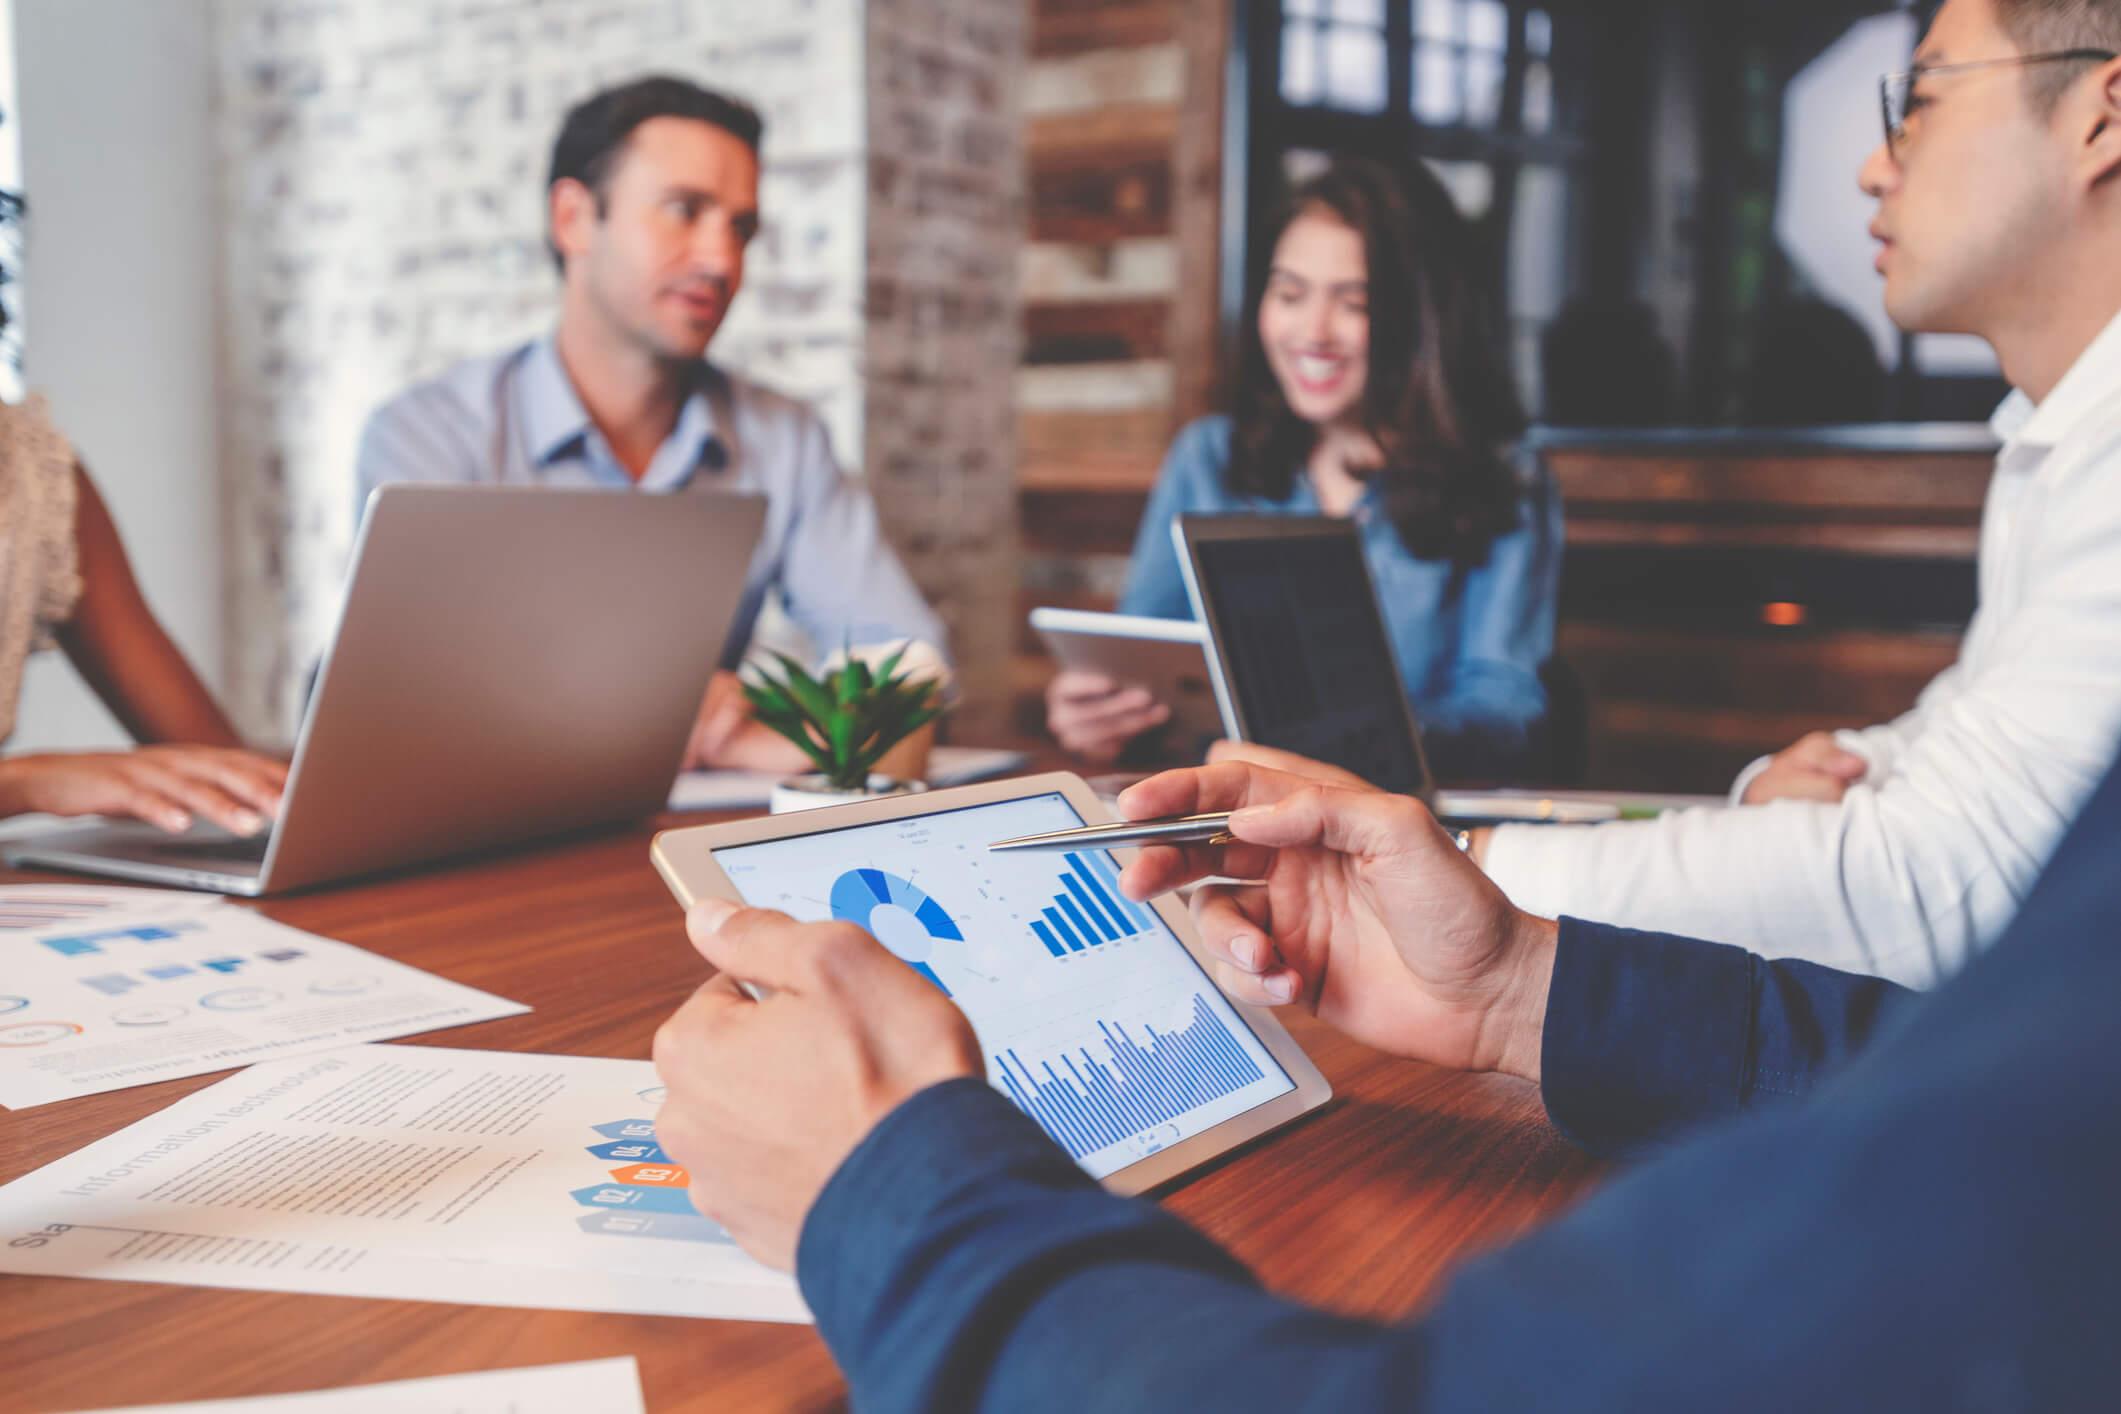 funcionalidades essenciais no sistema de gestão financeira